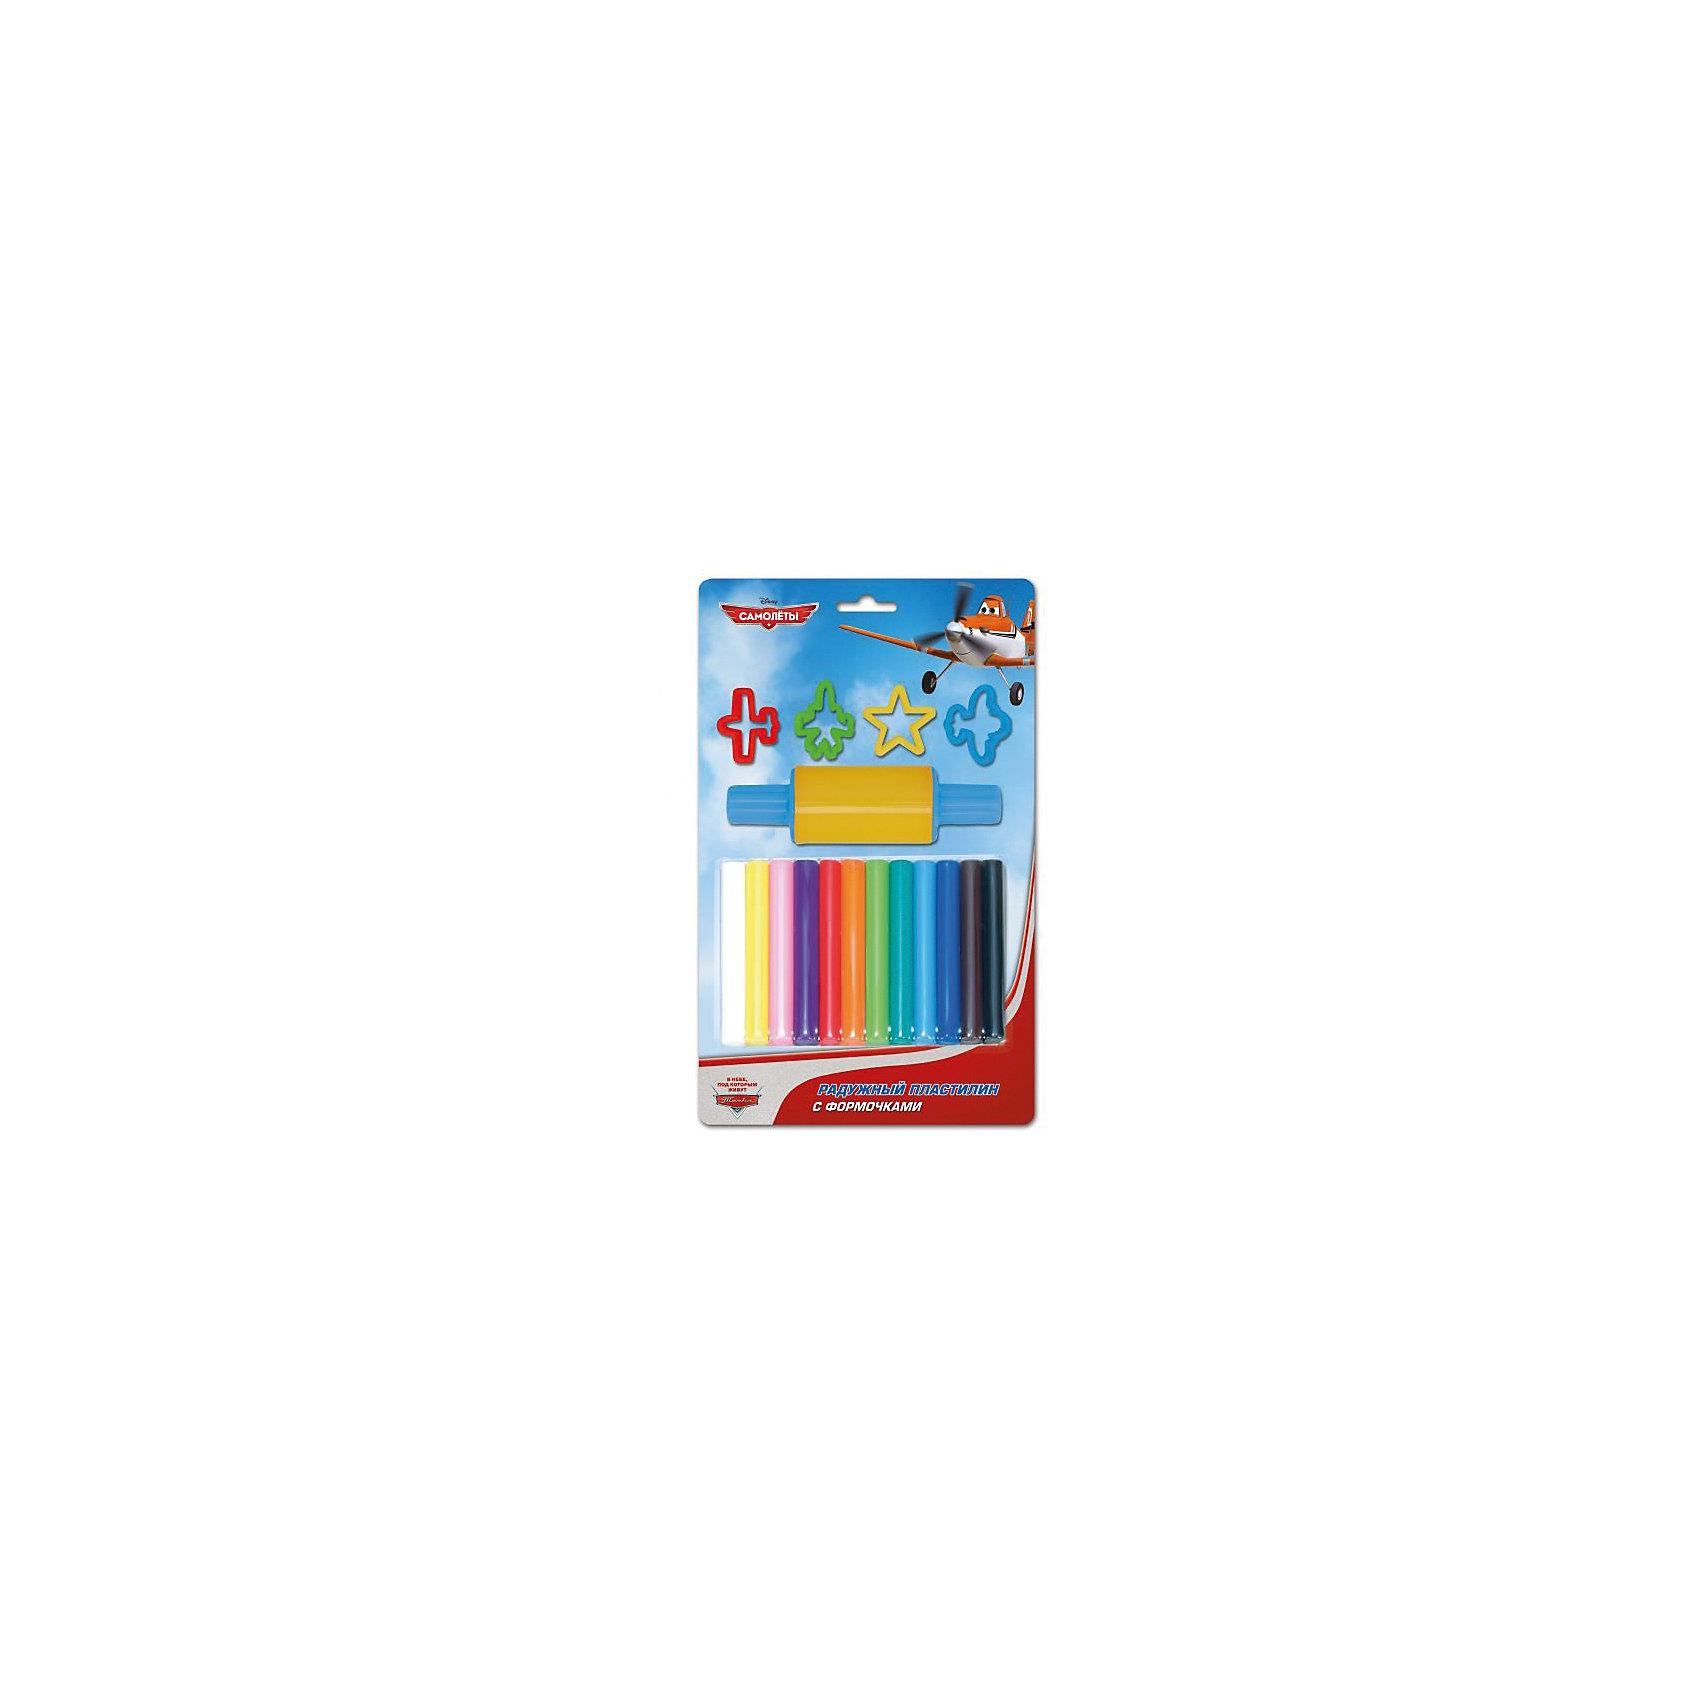 Набор пластилина с формочками, 12 цветов, СамолетыНабор пластилина с формочками, 12 цветов, Самолеты состоит из 12 брусочков разноцветного пластилина, 4 формочек различной формы и скалки для раскатки пластилина. Работа с пластилином будет стимулировать развитие творческих способностей и воображения, мелкой моторики, способствовать развитию мышц рук, тренировать внимательность, аккуратность, способствовать самовыражению. Самолетик Дасти из любимого диснеевского мультфильма «Самолеты», изображенный на упаковке, вдохновит малыша на создание своих первых поделок из пластилина!<br>Характеристики:<br>-Яркие и насыщенные цвета <br>-Пластилин нетоксичен, не прилипает к рукам <br>-Пластилин легко снимается с различных поверхностей<br>-Пластилин обладает отличными пластичными свойствами<br>-Пластилин легко смешивается для получения новых оттенков<br><br>Комплектация: пластилин 12 цветов, формочки 4 шт., скалка<br><br>Дополнительная информация:<br>-Серия: Самолеты<br>-Вес в упаковке: 240 г<br>-Размеры в упаковке: 190х300х30  мм<br>-Материалы: пластик, пластилин<br><br>Лучший подарок для Вашего ребенка – это набор пластилина с формочками, который будет способствовать разностороннему развитию малыша! <br><br>Набор пластилина с формочками, 12 цветов, Самолеты можно купить в нашем магазине.<br><br>Ширина мм: 190<br>Глубина мм: 300<br>Высота мм: 30<br>Вес г: 240<br>Возраст от месяцев: 36<br>Возраст до месяцев: 84<br>Пол: Мужской<br>Возраст: Детский<br>SKU: 4079310